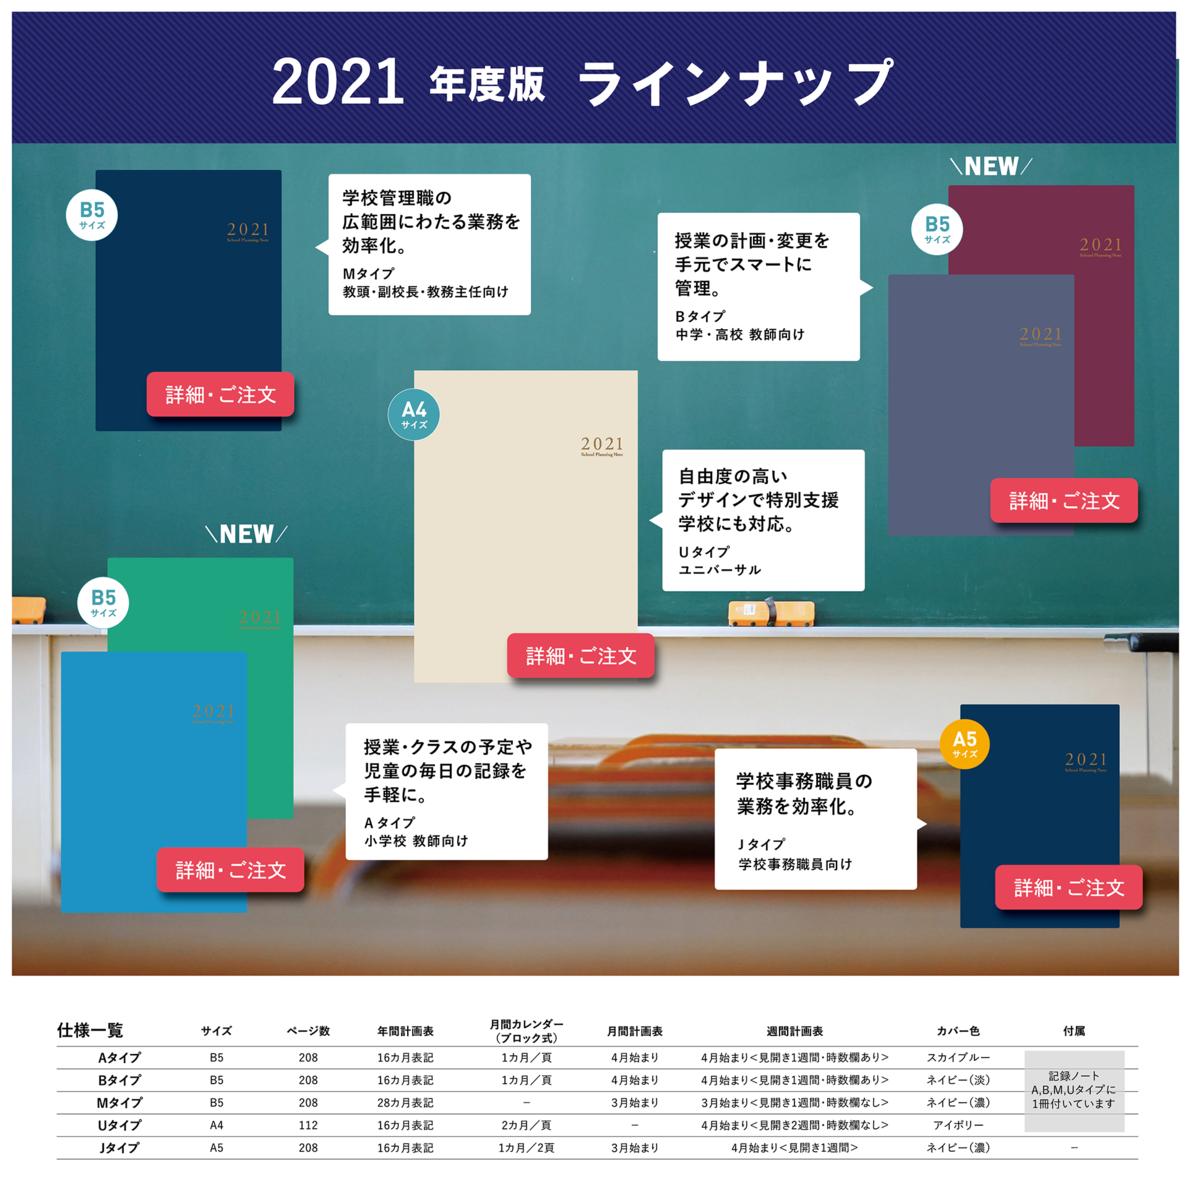 f:id:hirokyou:20201127222649p:plain